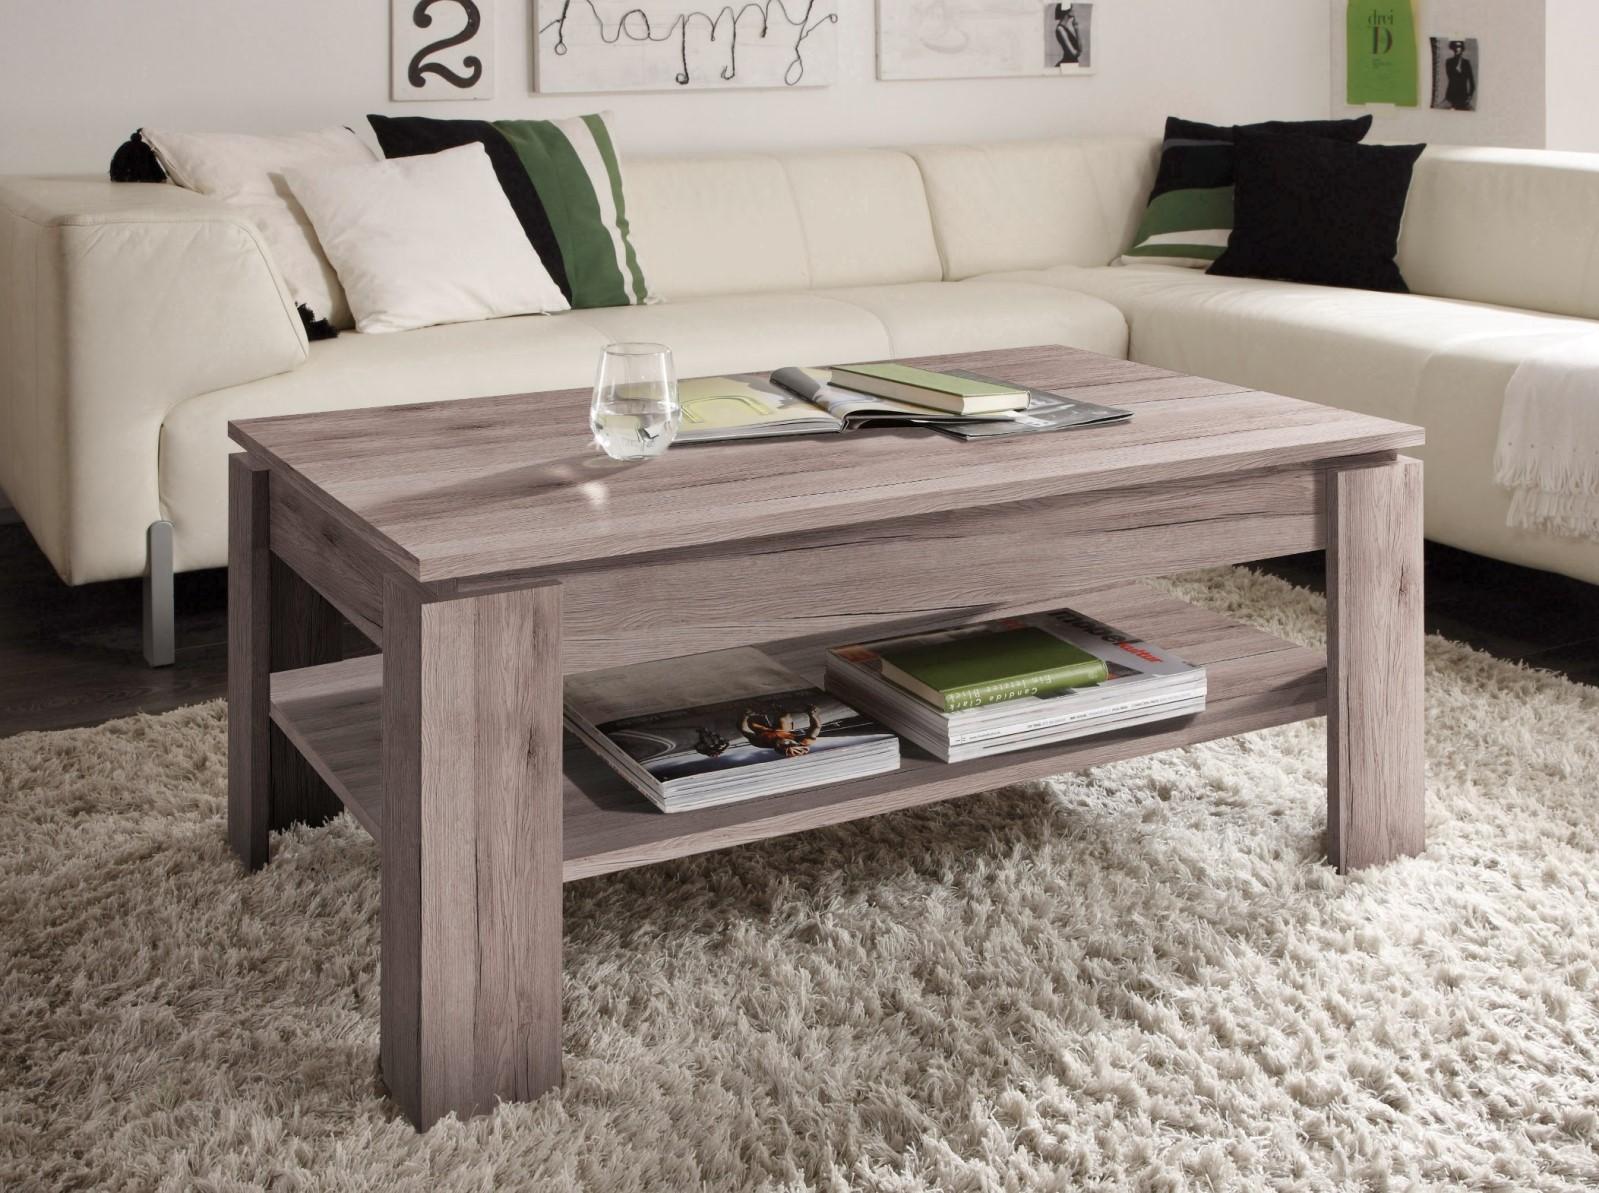 Couchtisch tisch este 90x60 cm weiss betonoptik ebay for Wohnzimmertisch 90x60